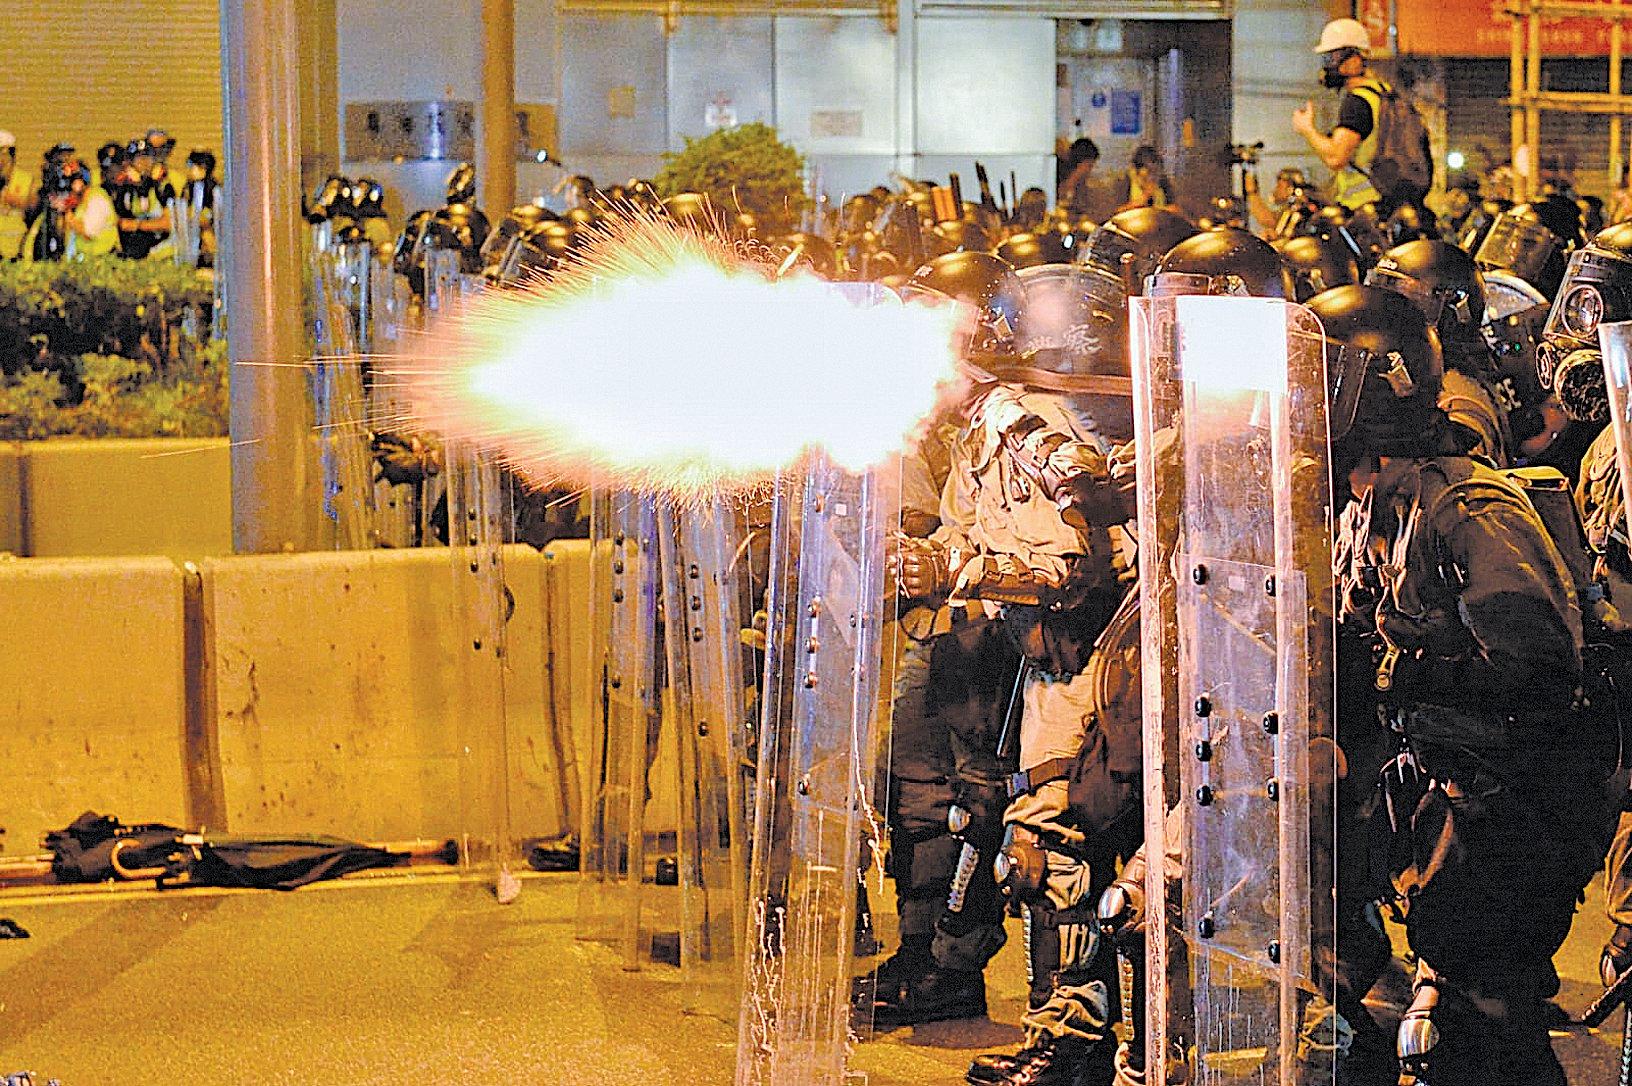 目前香港的嚴峻局勢向自由社會發出警訊。圖為2019年7月28日,香港警察清場。(宋碧龍/大紀元)